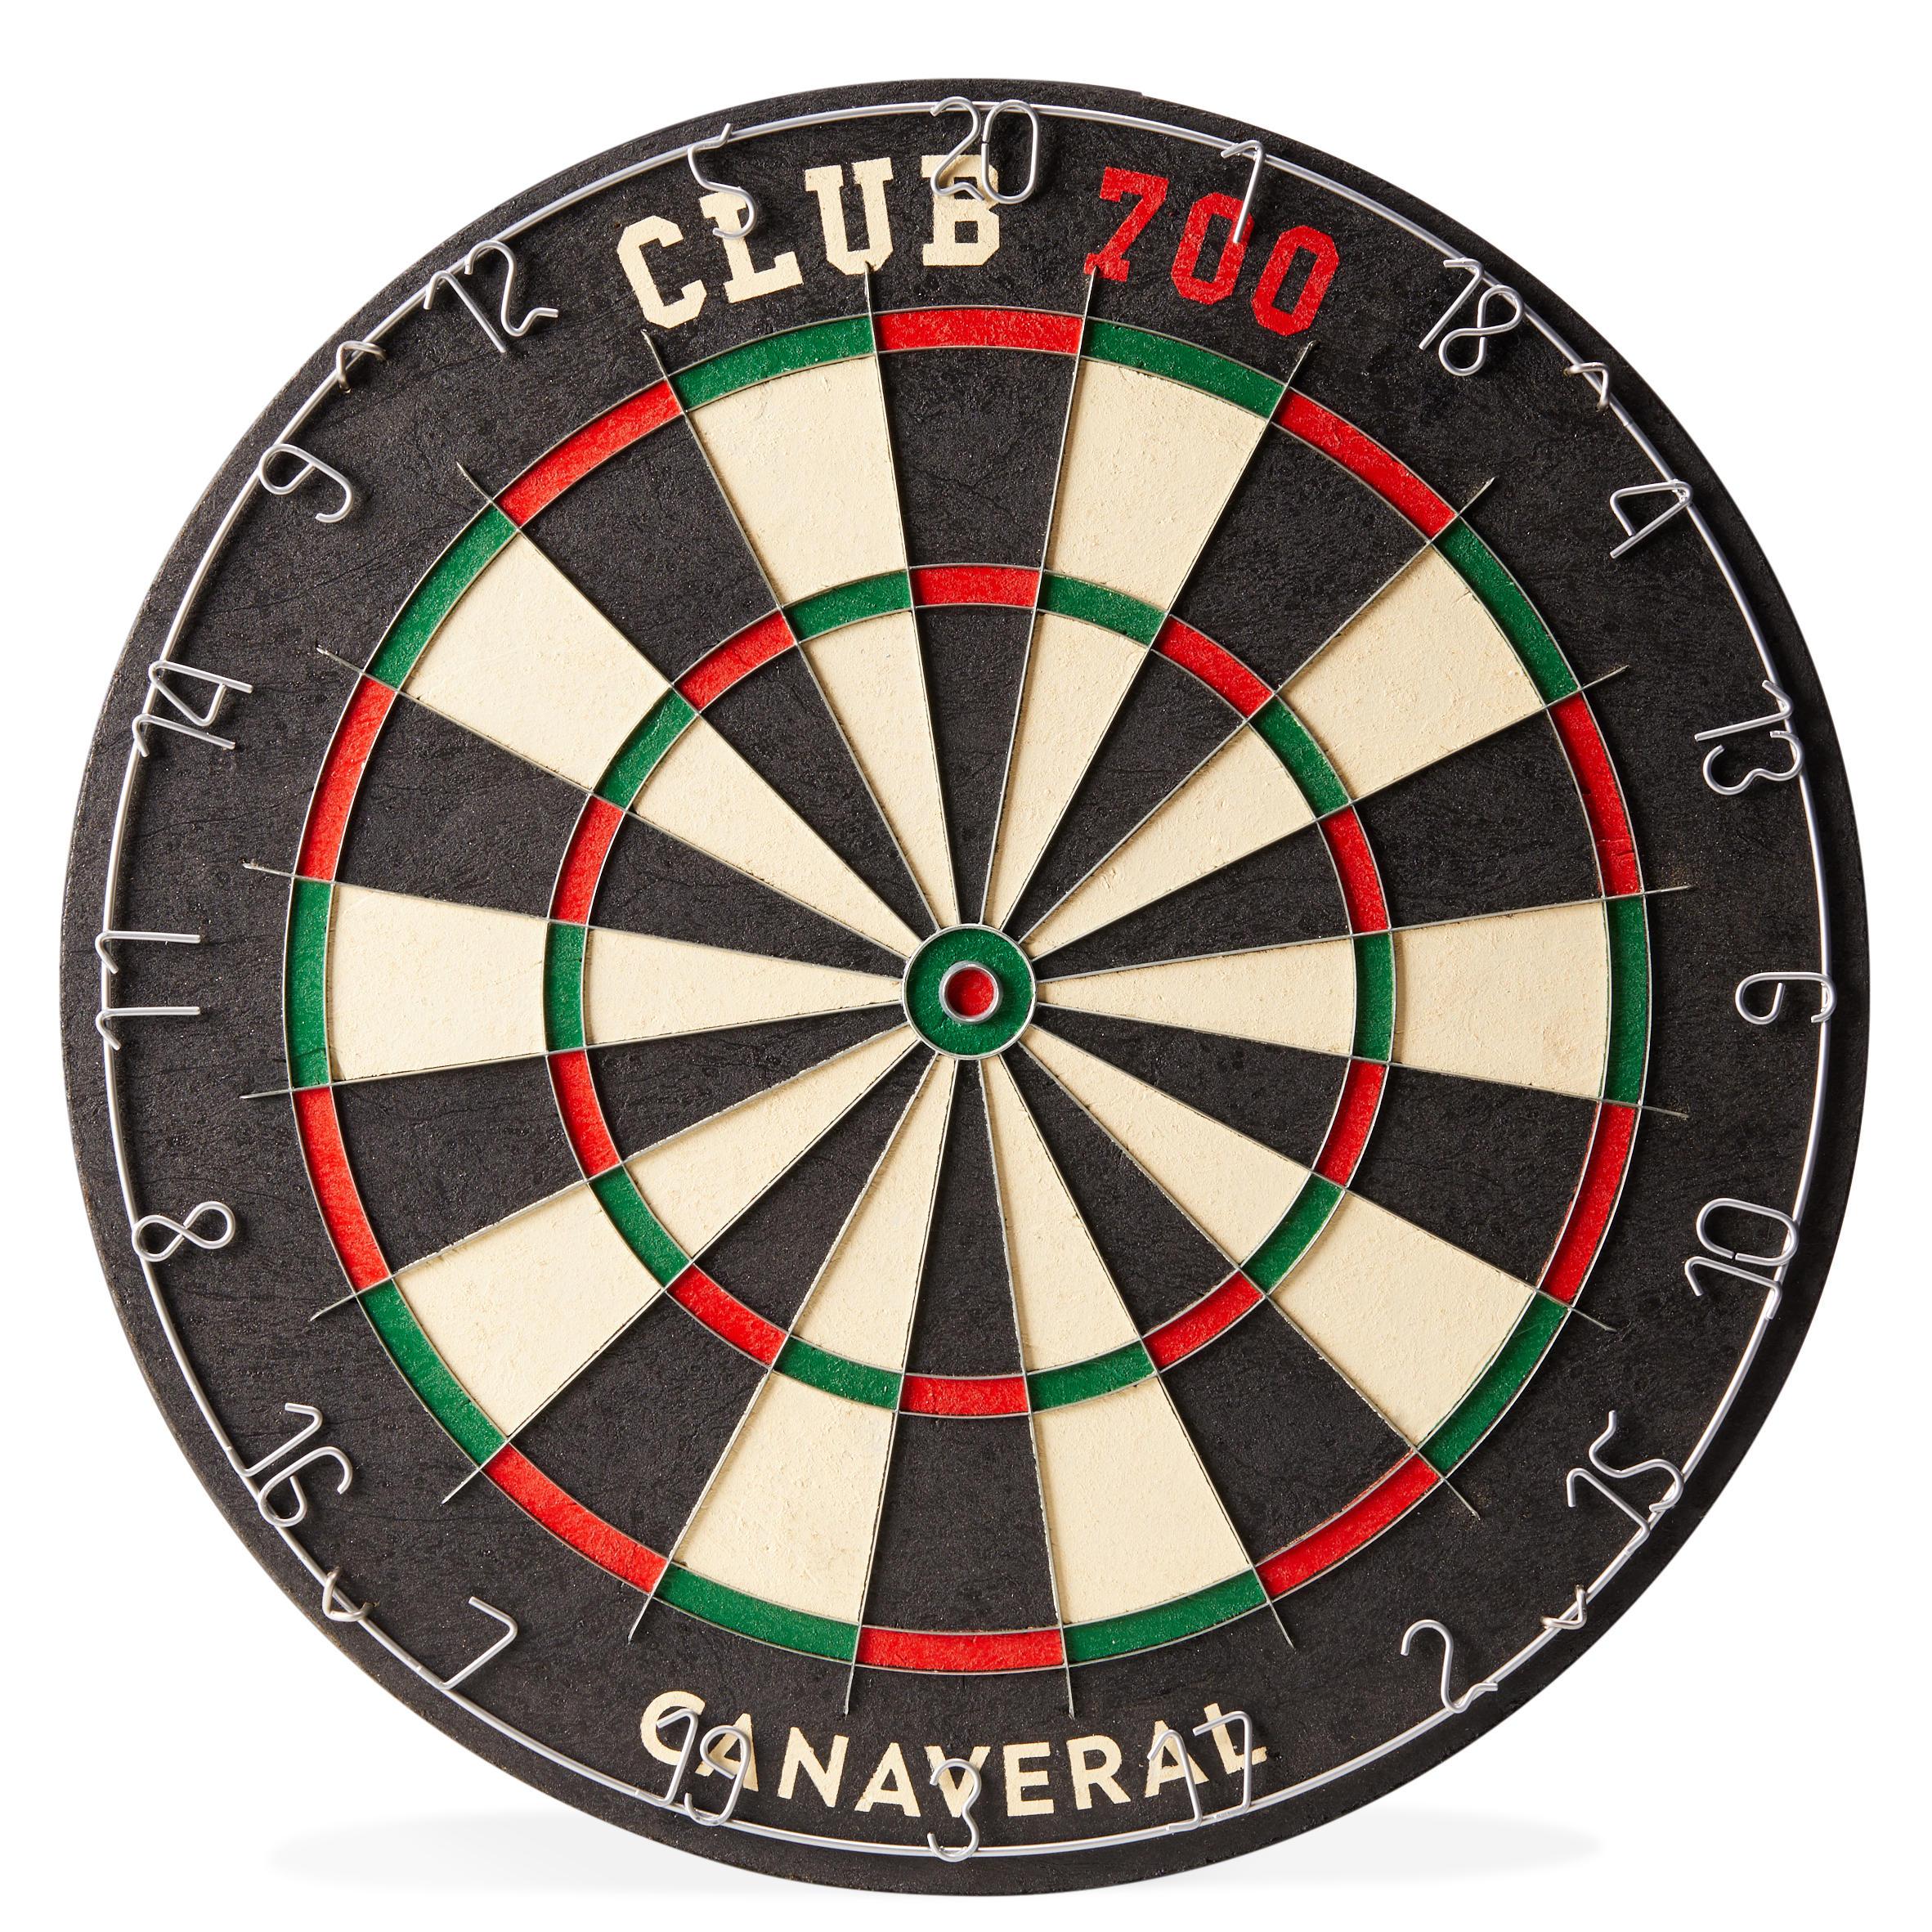 Ţinţă Clasică Săgeţi Club 700 imagine